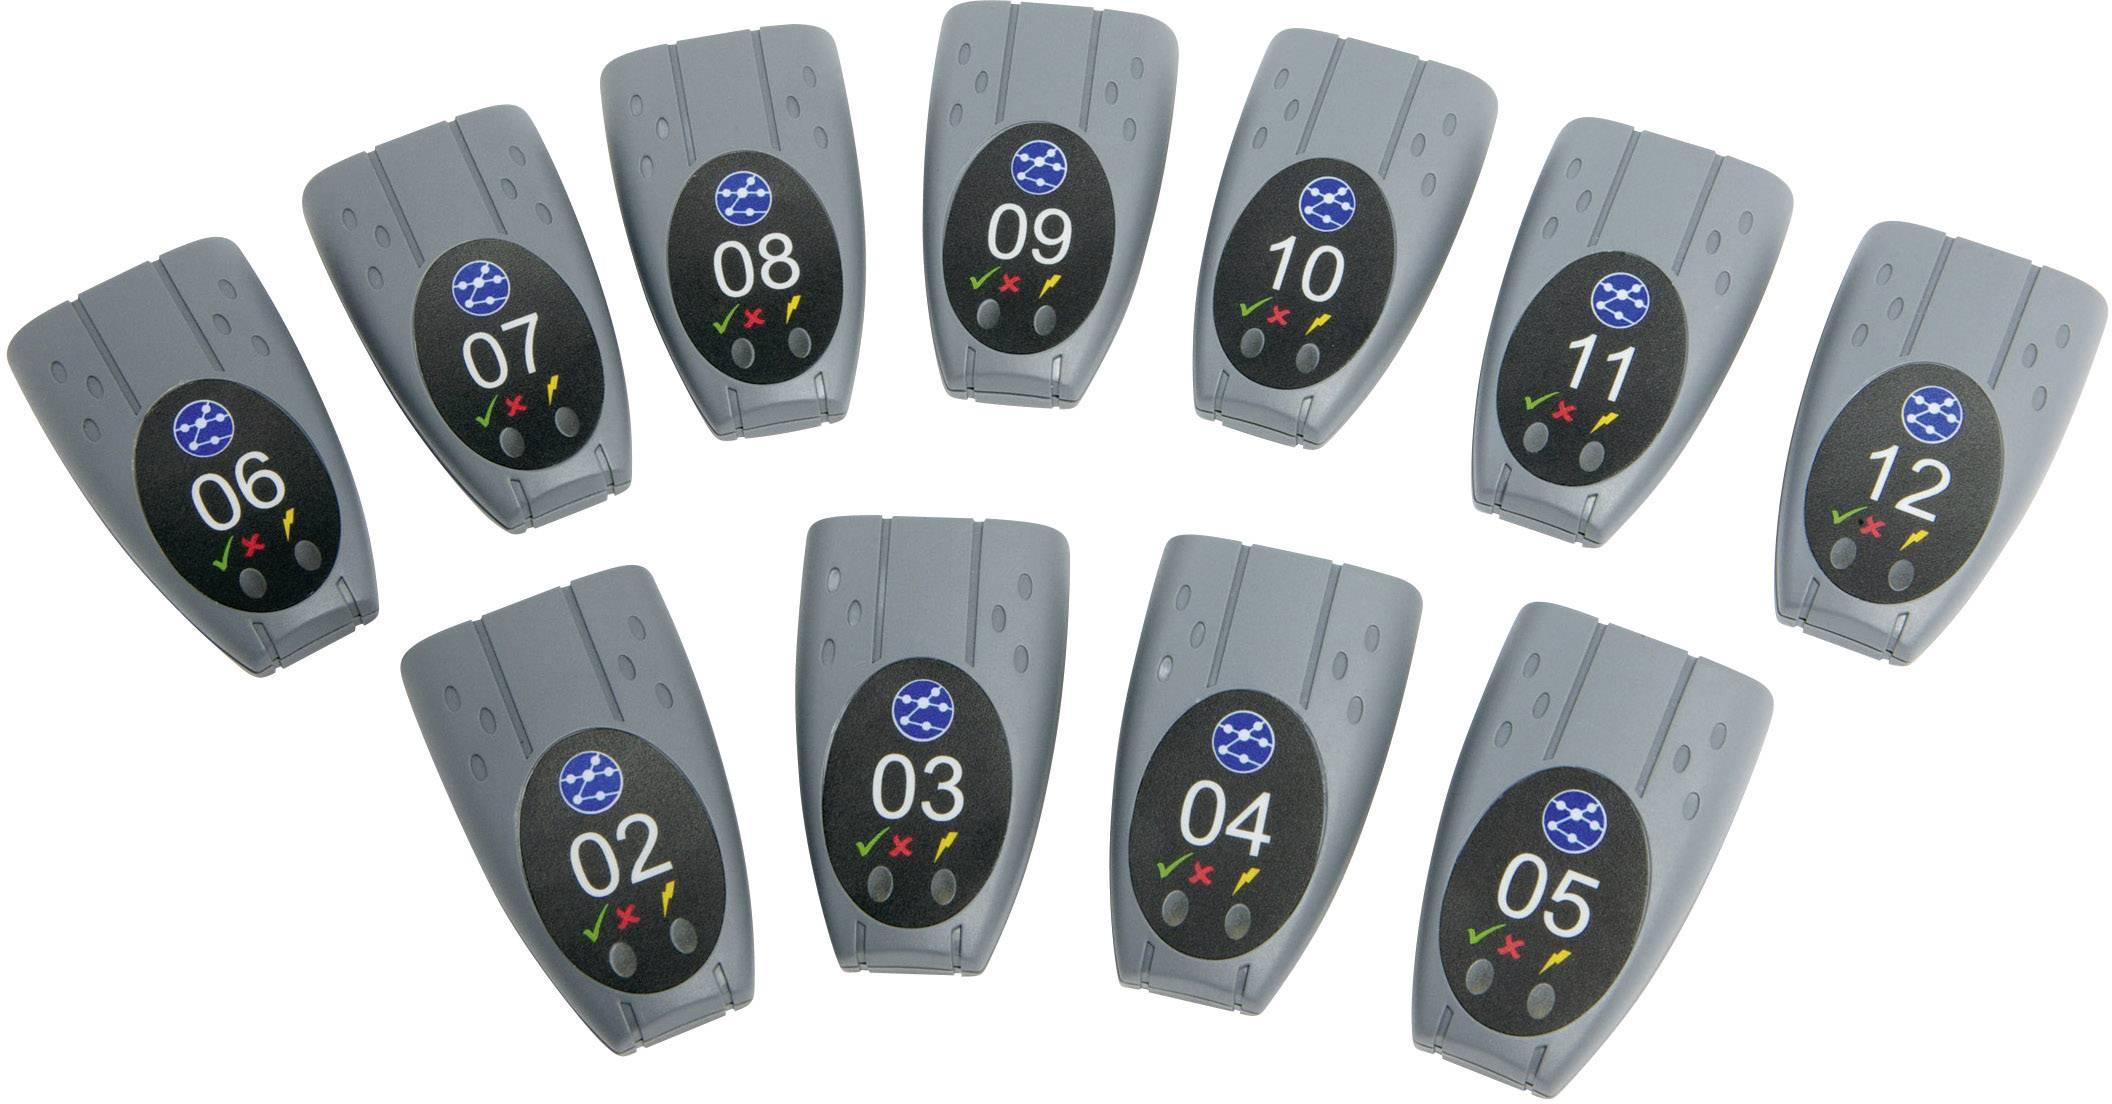 Sada aktívnych diaľkových adaptérov # 2-12 IDEAL Networks 150050